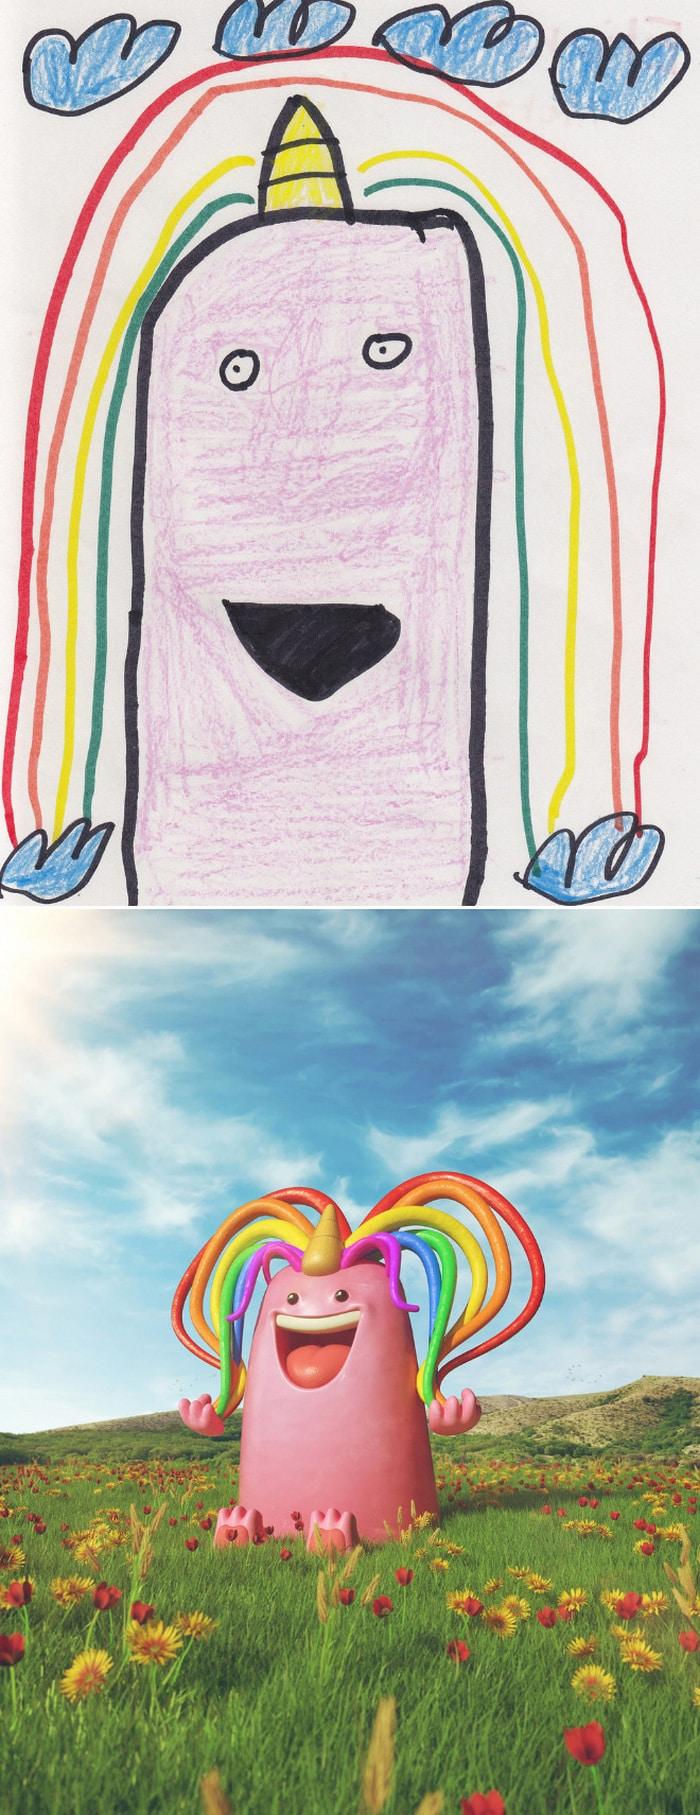 Projeto Monstro - Crianças desenham monstros e artistas recriam com sua arte 7